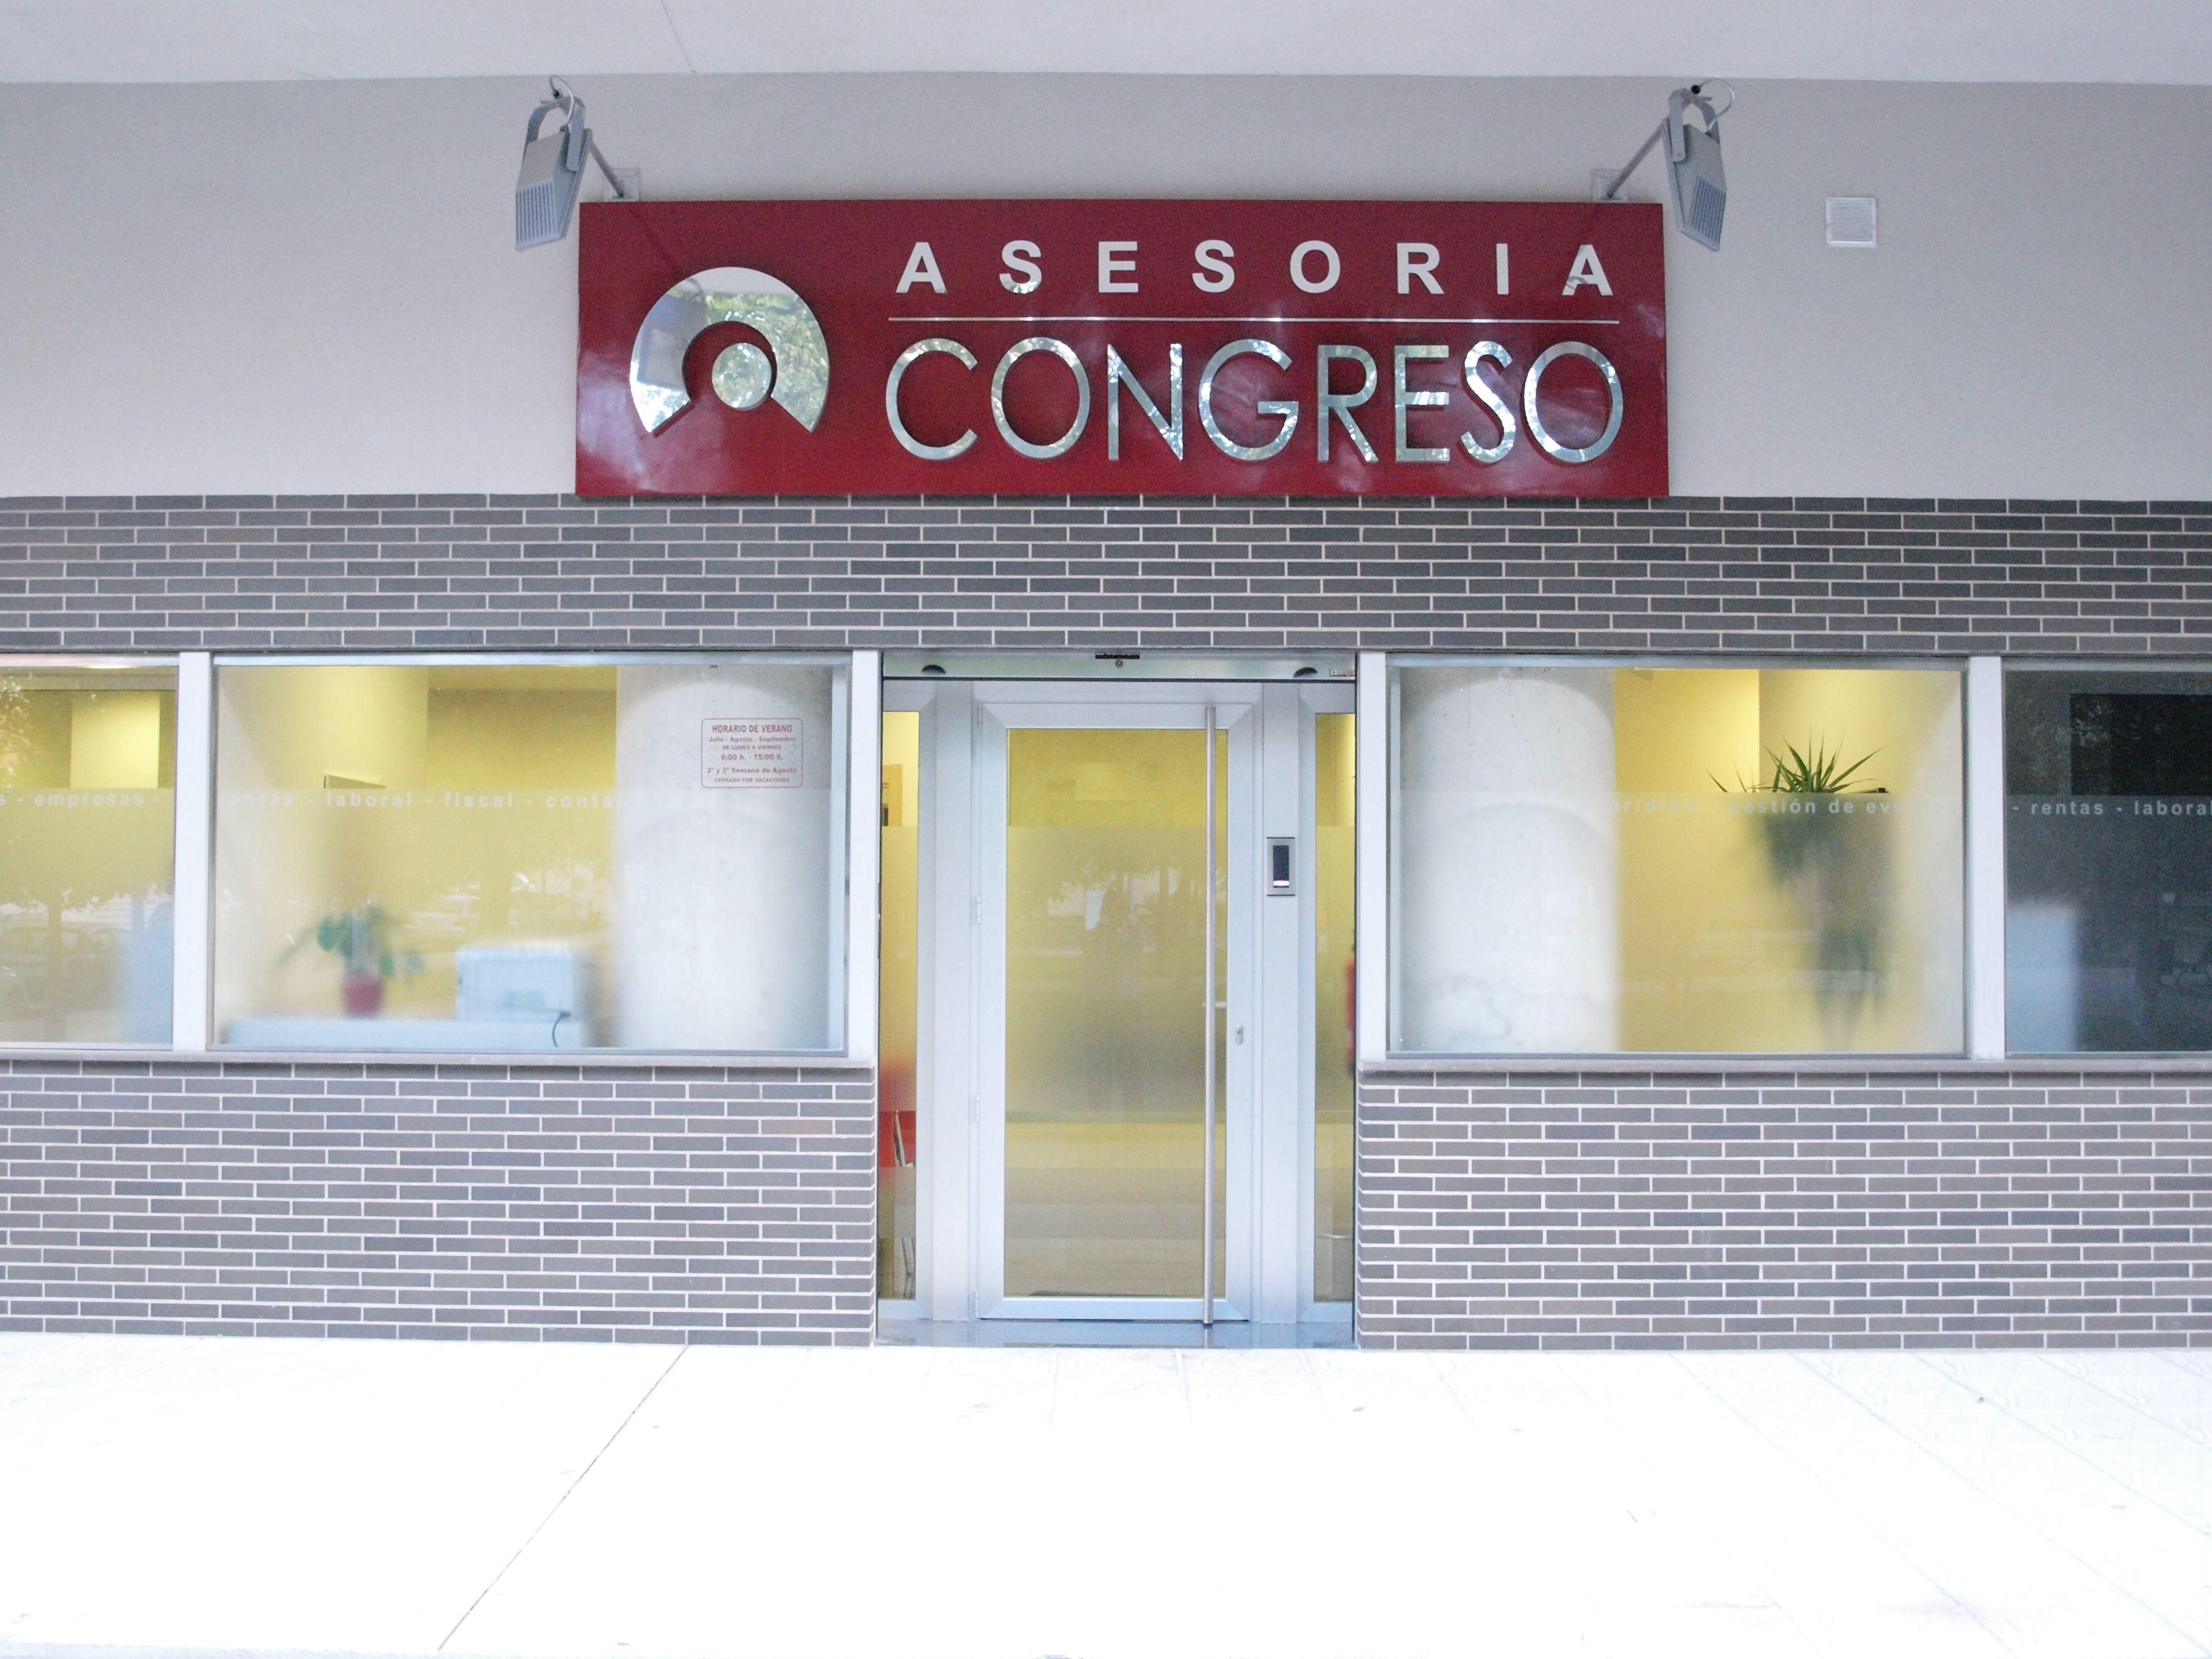 Asesoría Congreso en Alicante